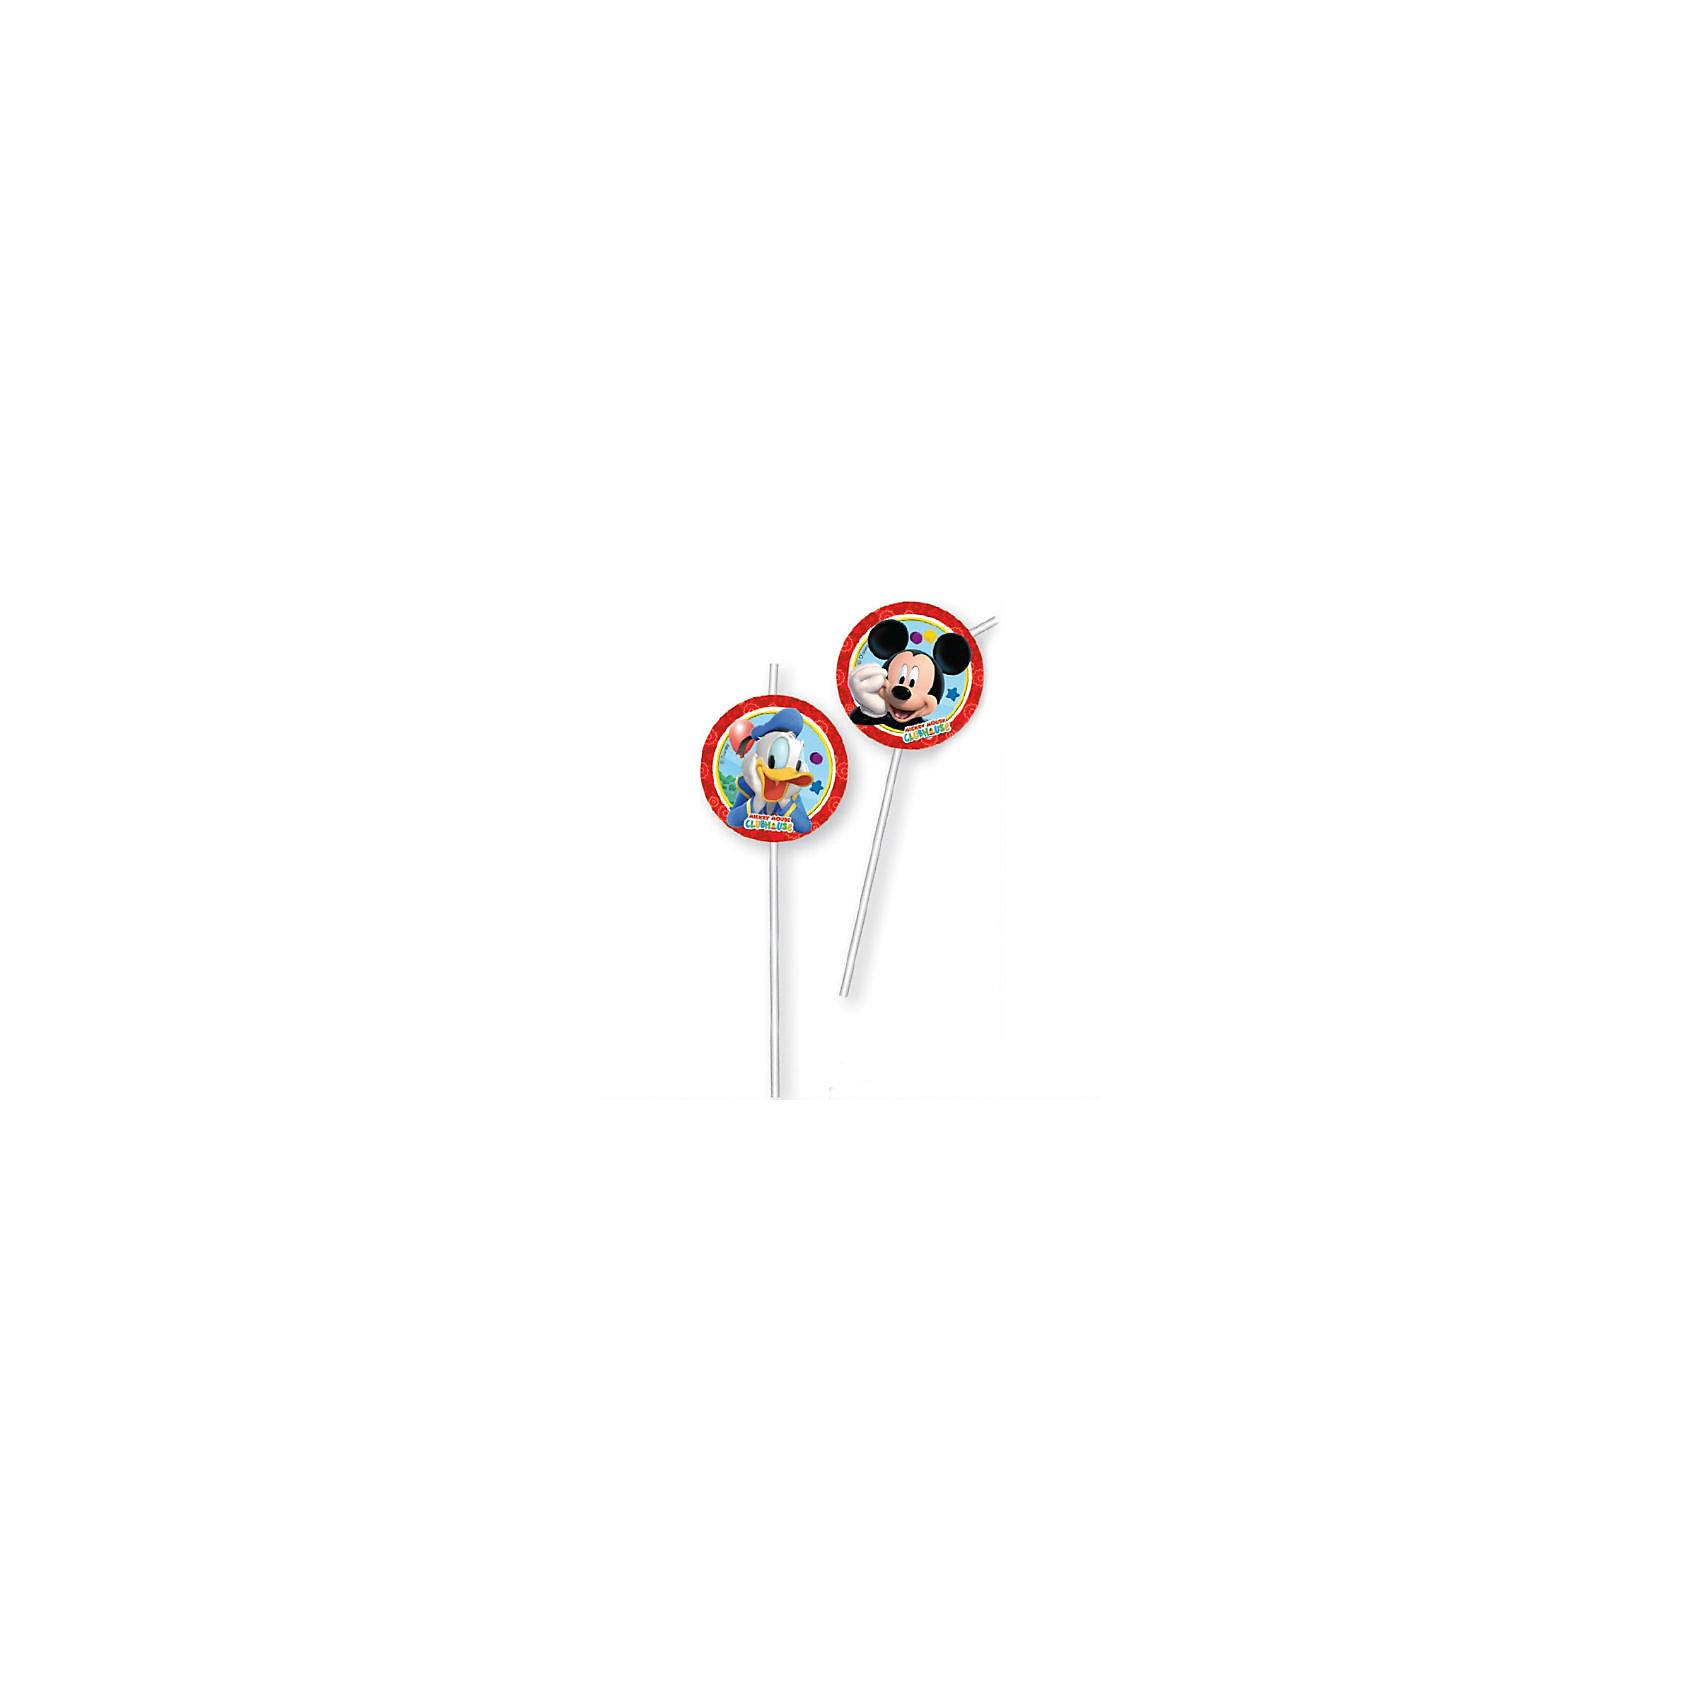 Соломка для напитков Веселый Микки, 6 шт.Микки Маус и его друзья<br>Соломка для напитков Веселый Микки  станет прекрасным украшением детского праздника и сделает его ярче и веселее. Комплект включает в себя 6 соломинок для напитков, украшенных изображениями мышонка Микки-Мауса и его друзей из популярных диснеевских мультфильмов. Соломка не токсична и безопасна для здоровья.<br><br>Дополнительная информация:<br><br>- В комплекте: 6 шт.<br>- Материал: пластик.<br>- Высота соломки: 24 см.<br>- Размер упаковки: 1,5 х 11 х 30,5 <br>- Вес: 12 гр.<br><br>Соломку для напитков Веселый Микки, 6 шт., можно купить в нашем интернет-магазине.<br><br>Ширина мм: 15<br>Глубина мм: 110<br>Высота мм: 305<br>Вес г: 12<br>Возраст от месяцев: 36<br>Возраст до месяцев: 84<br>Пол: Унисекс<br>Возраст: Детский<br>SKU: 4008377